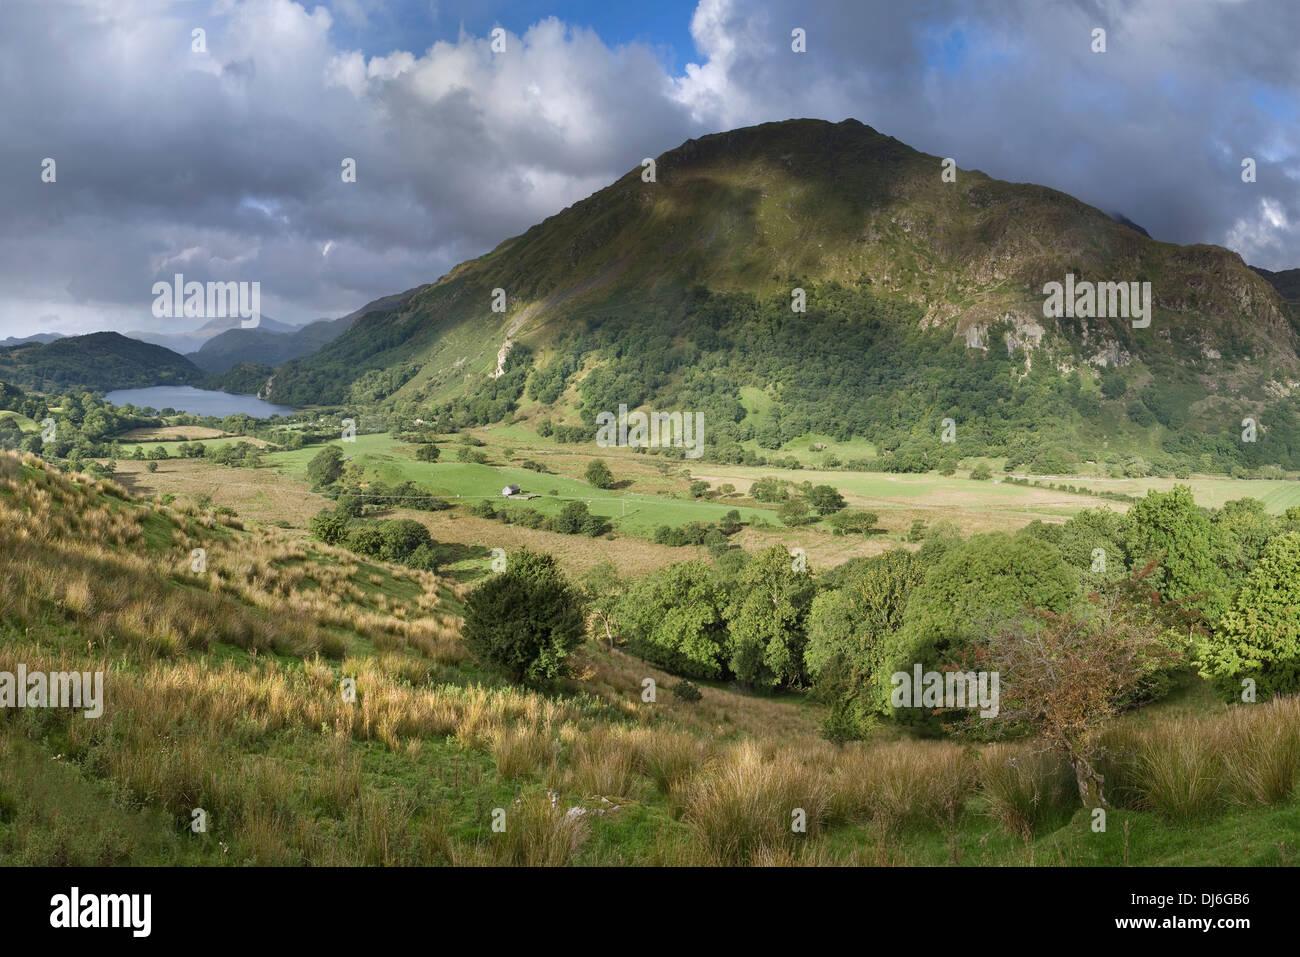 The clouds cast shadows over Gallt y Wenallt and Nant Gwynant towards Llyn Gwynant. Stock Photo